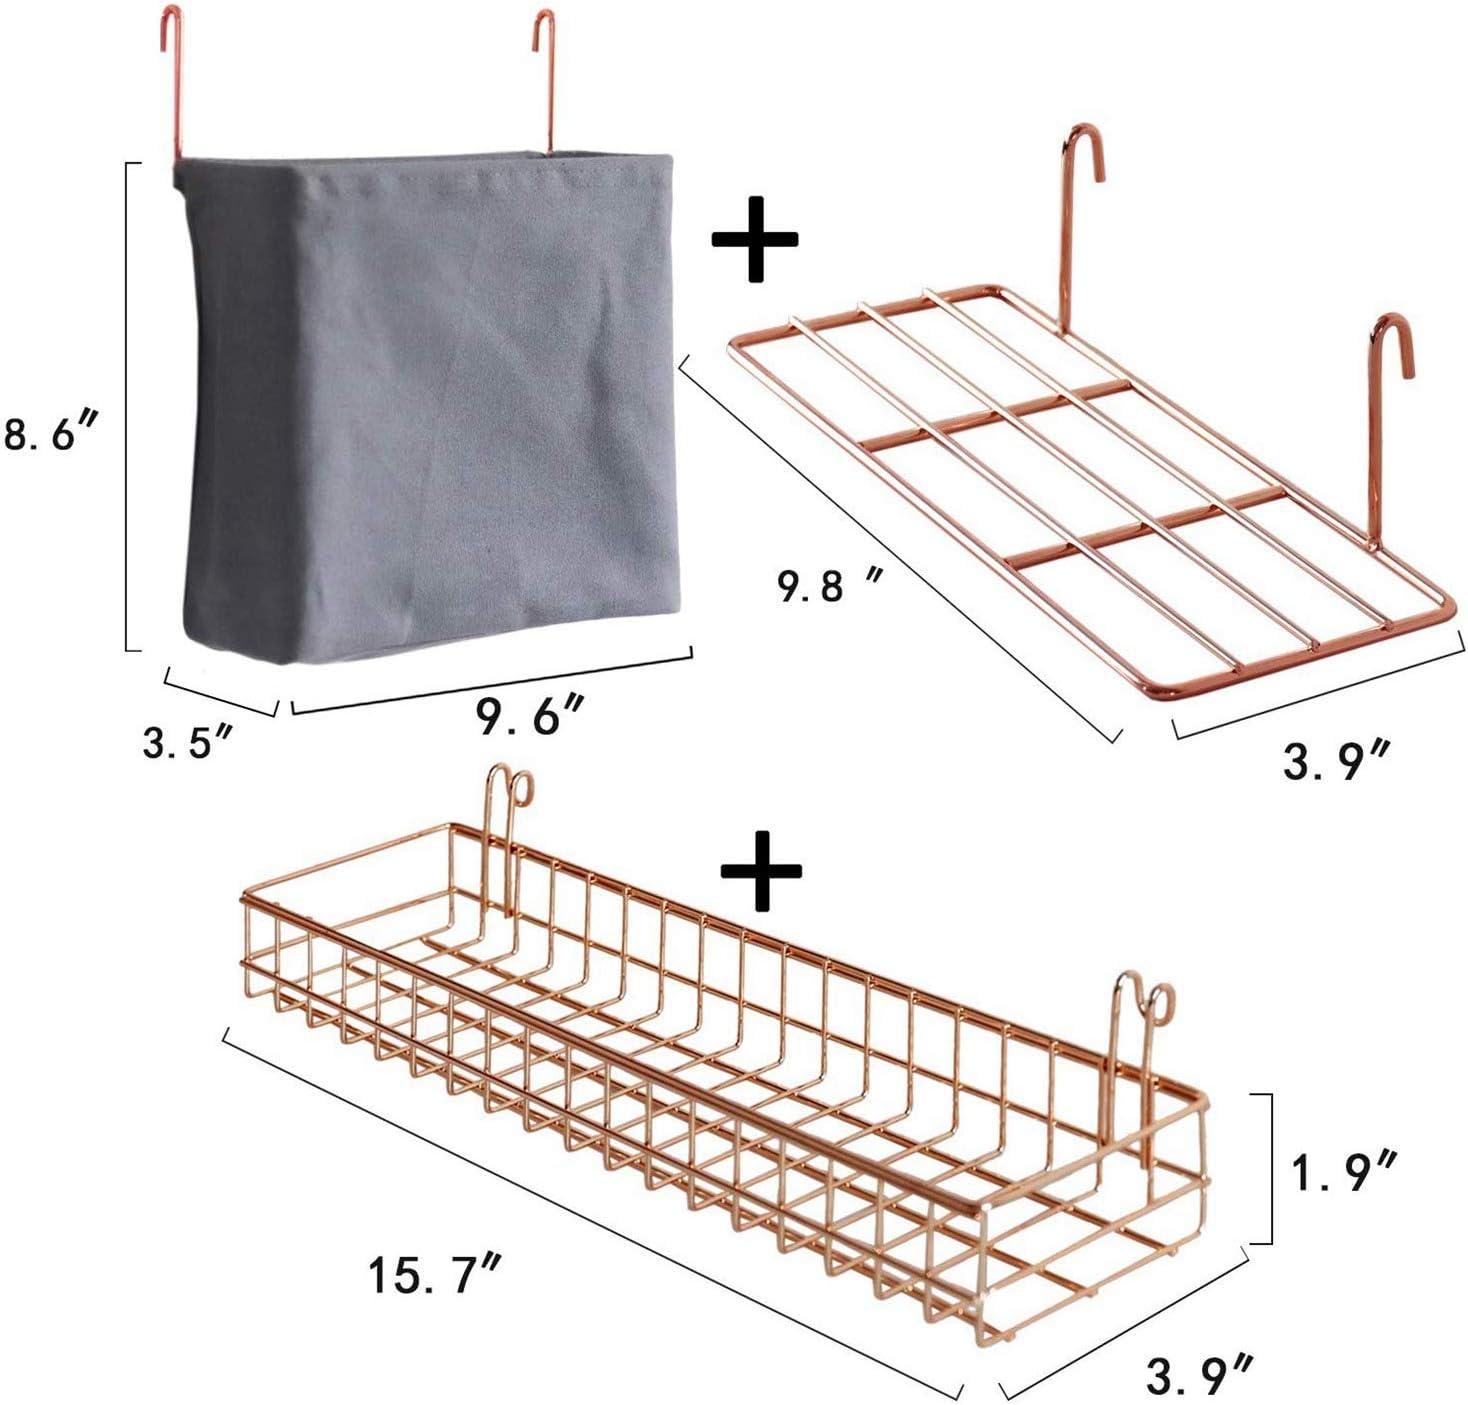 Nrpfell Rack de Almacenamiento de 3 Piezas Panel de Rejilla Pared Cesta Colgante Bolsa Estante Exhibici/óN con Ganchos Organizador Pared y Estante para Art/íCulos para Hogar Negro